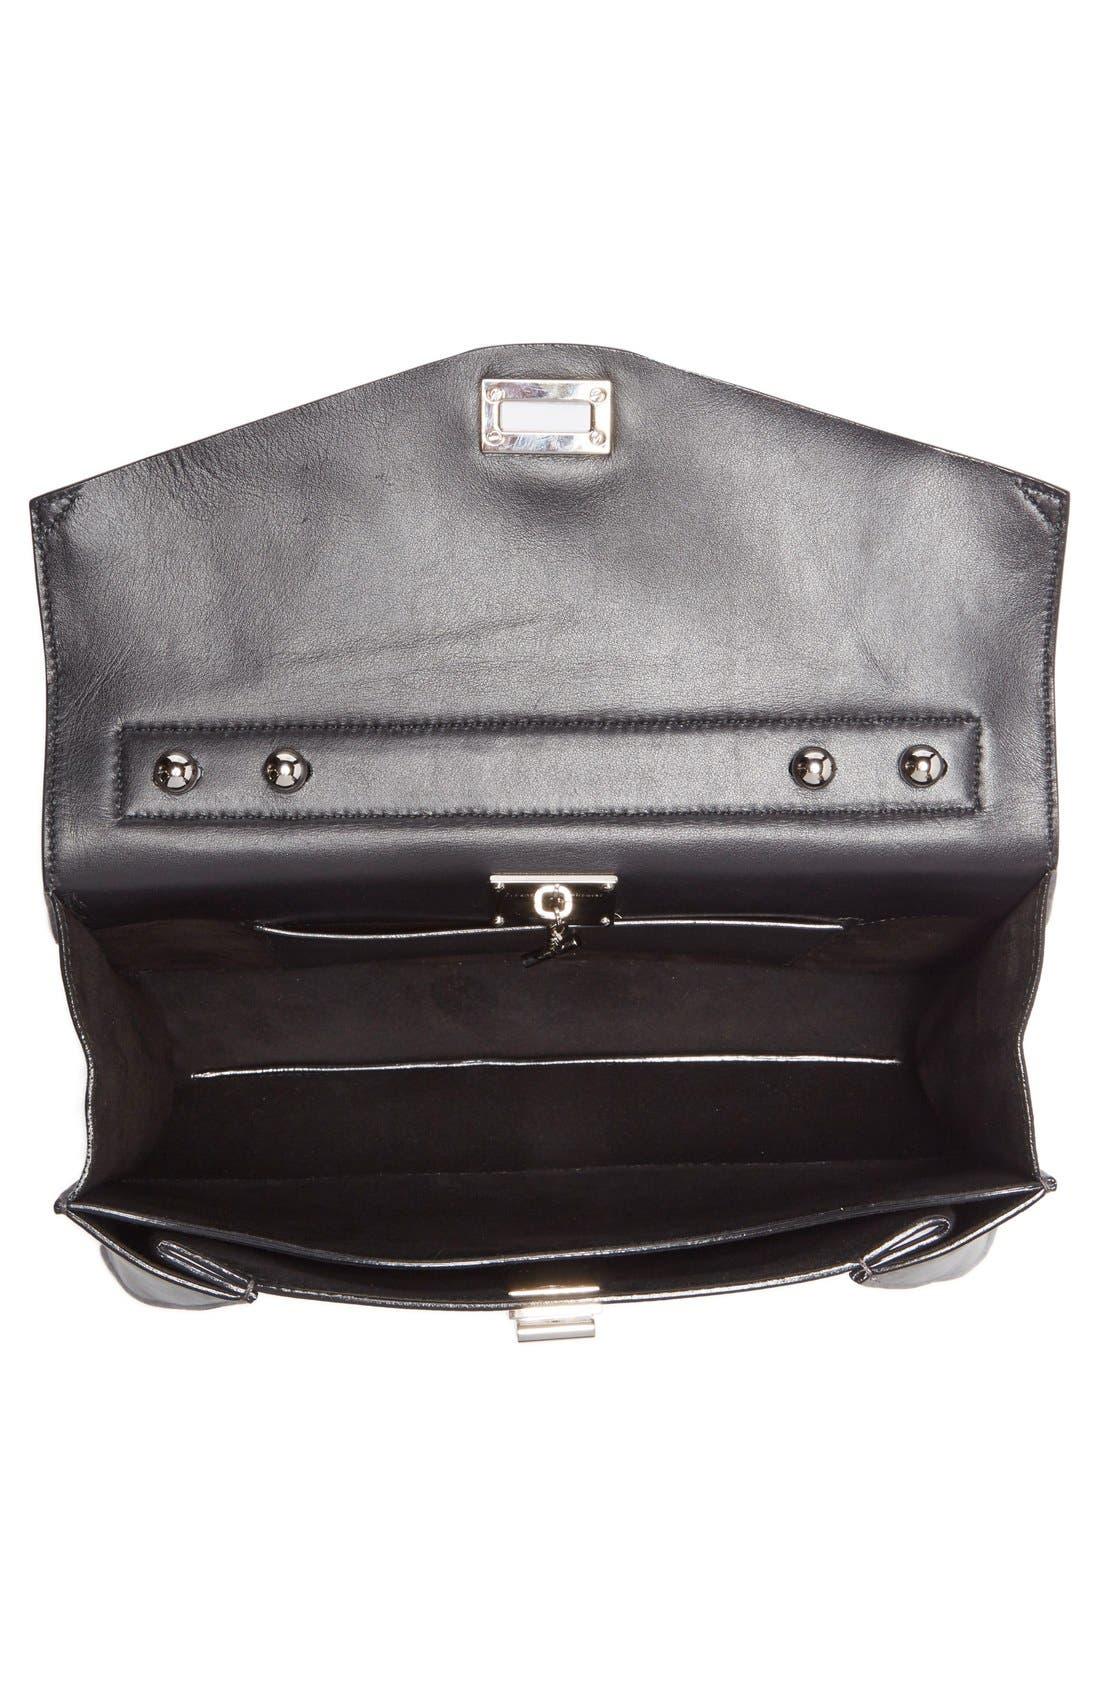 Alternate Image 3  - Proenza Schouler 'Medium Hava' Top Handle Calfskin Leather Satchel